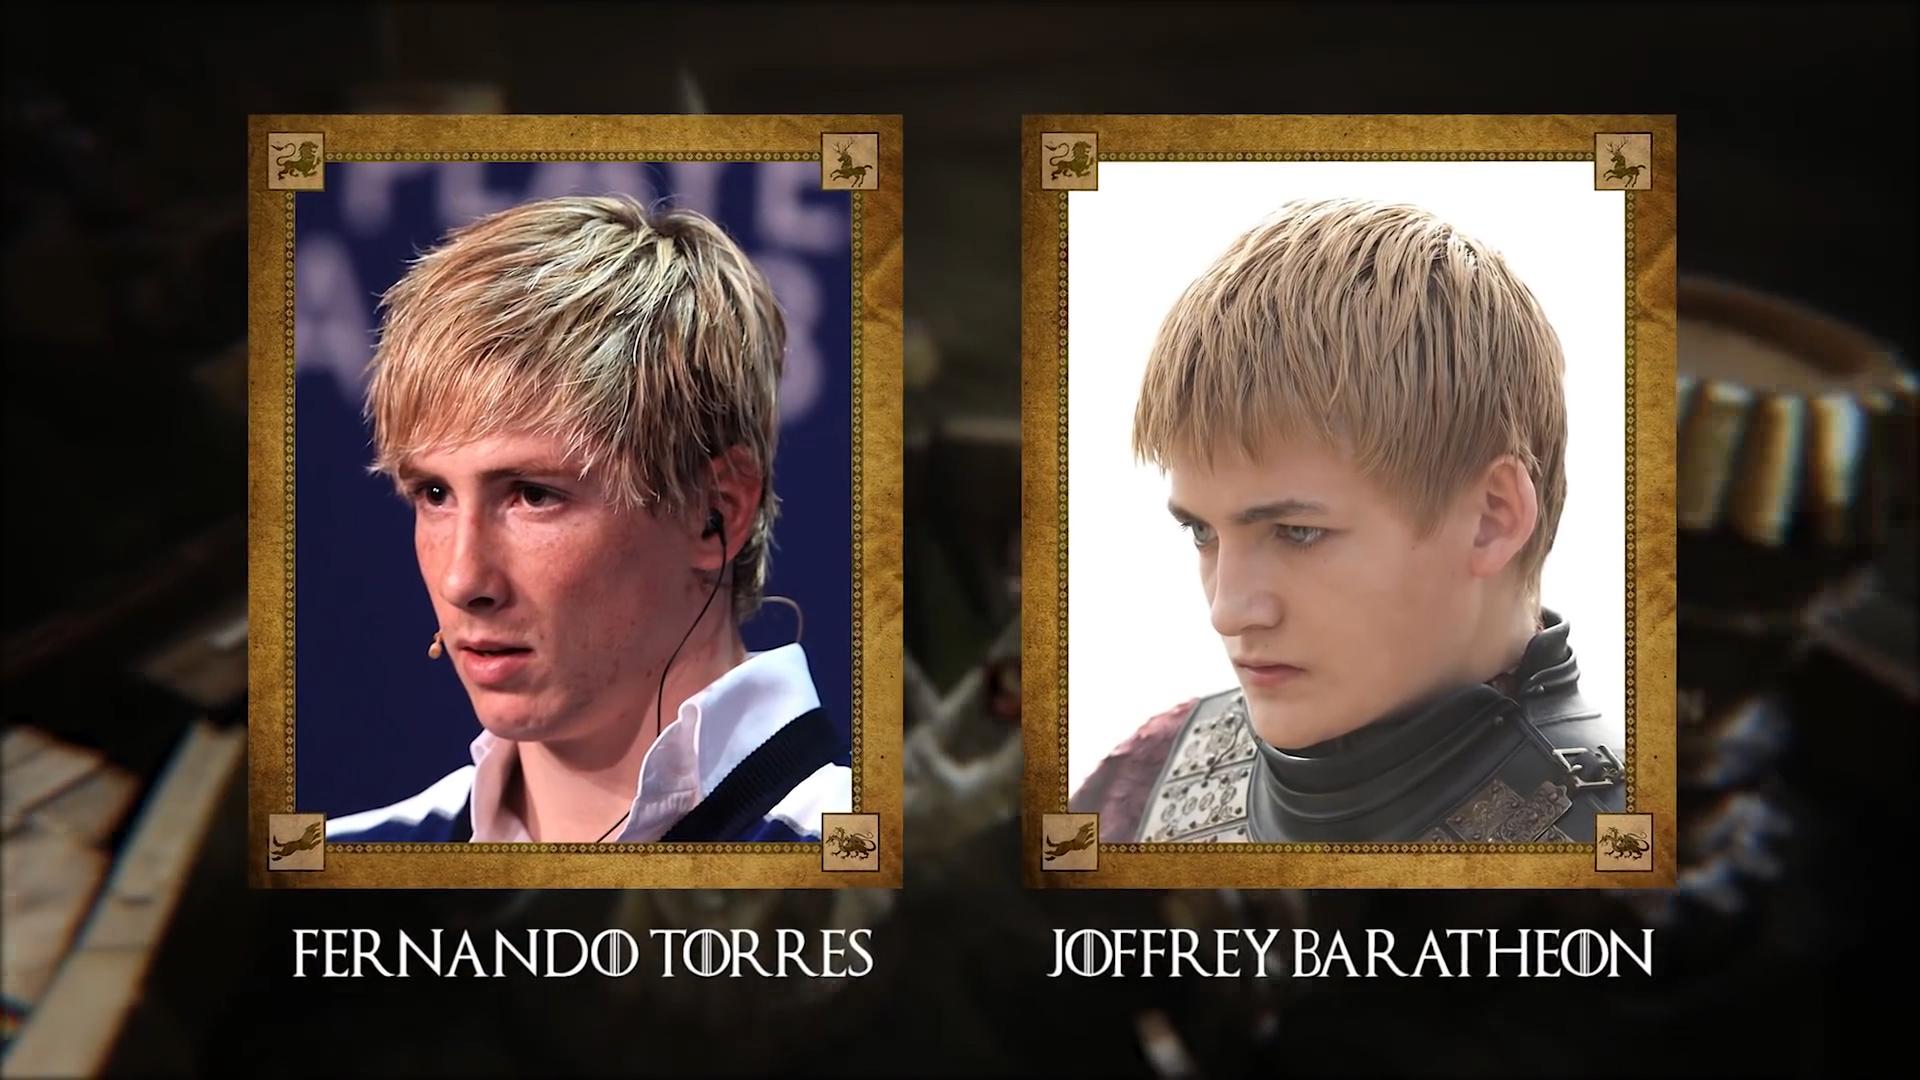 Fernando Torres (futbolista español del Sagan Tosu) con Joffrey Baratheon